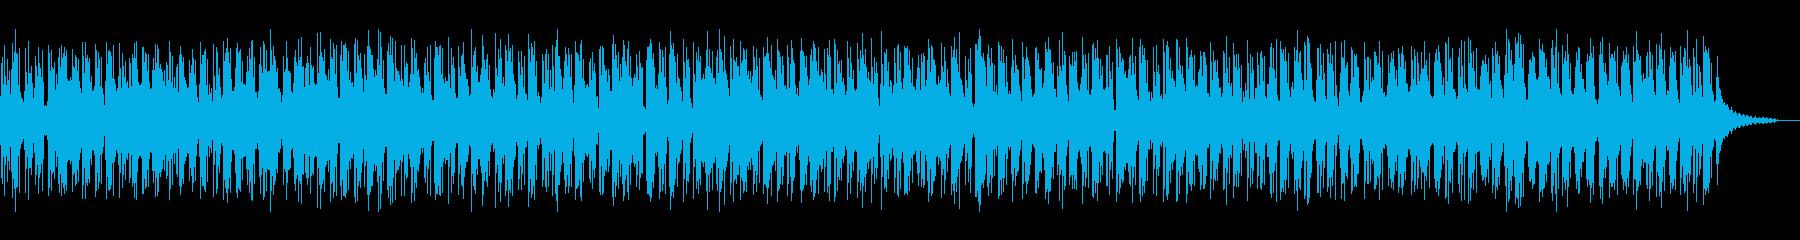 サックス中心のリラックスチルアウトR&Bの再生済みの波形